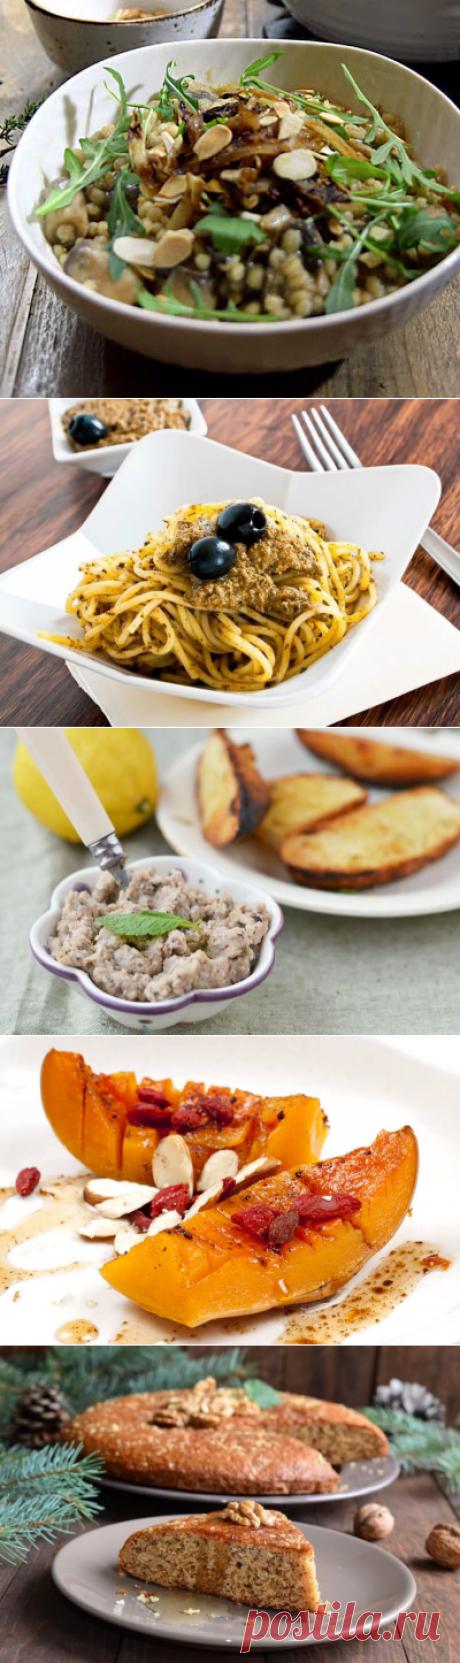 Великий пост: 10 простых и очень аппетитных блюд